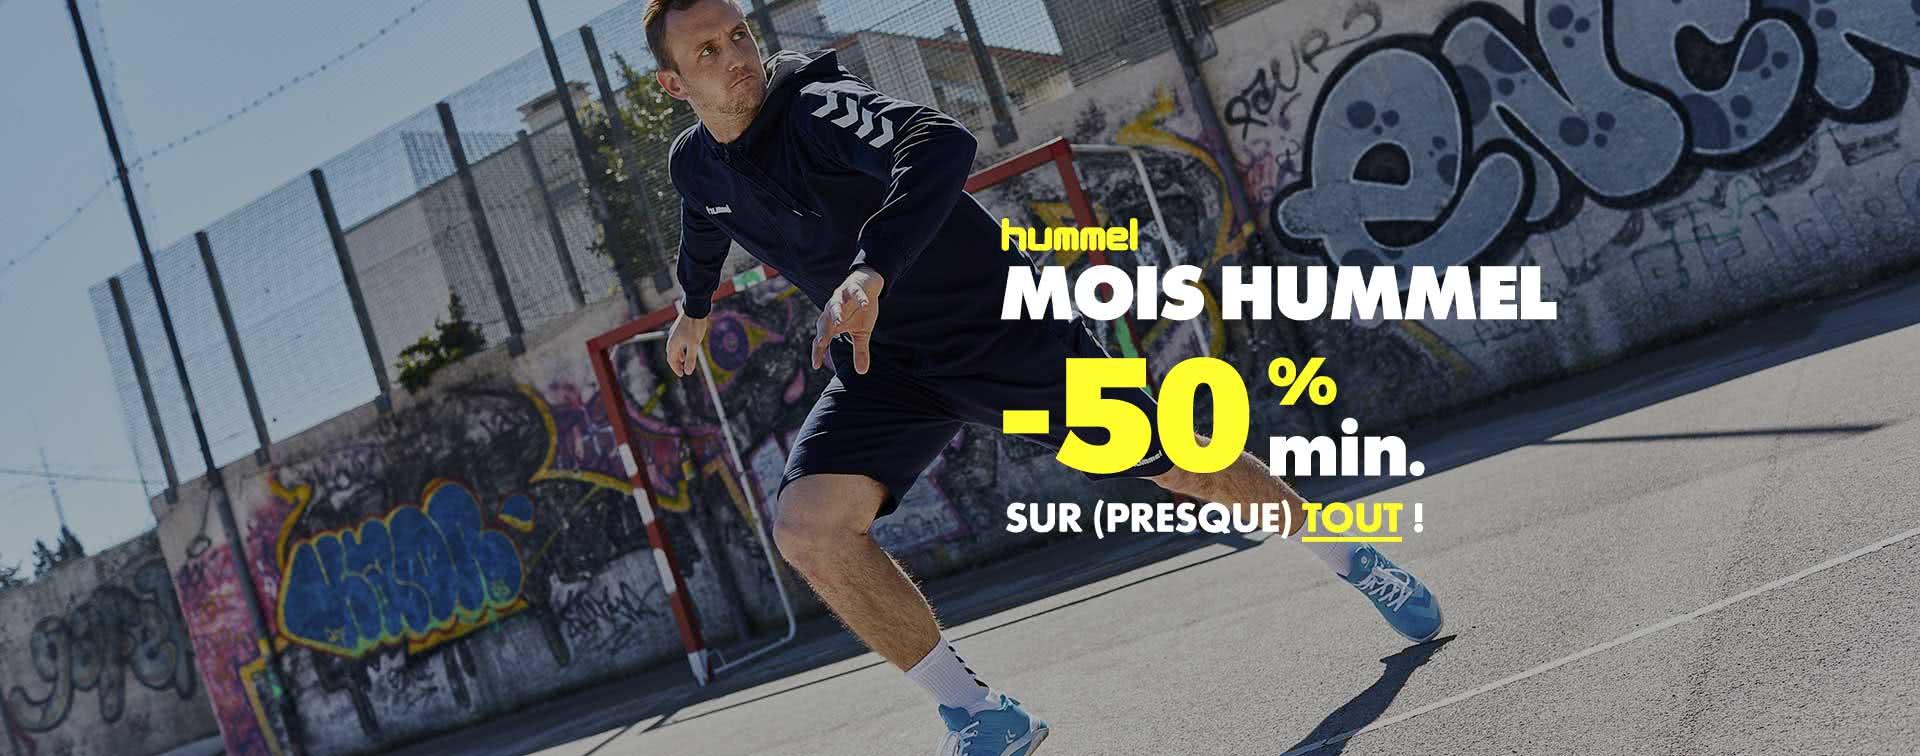 Hummel -50% min.